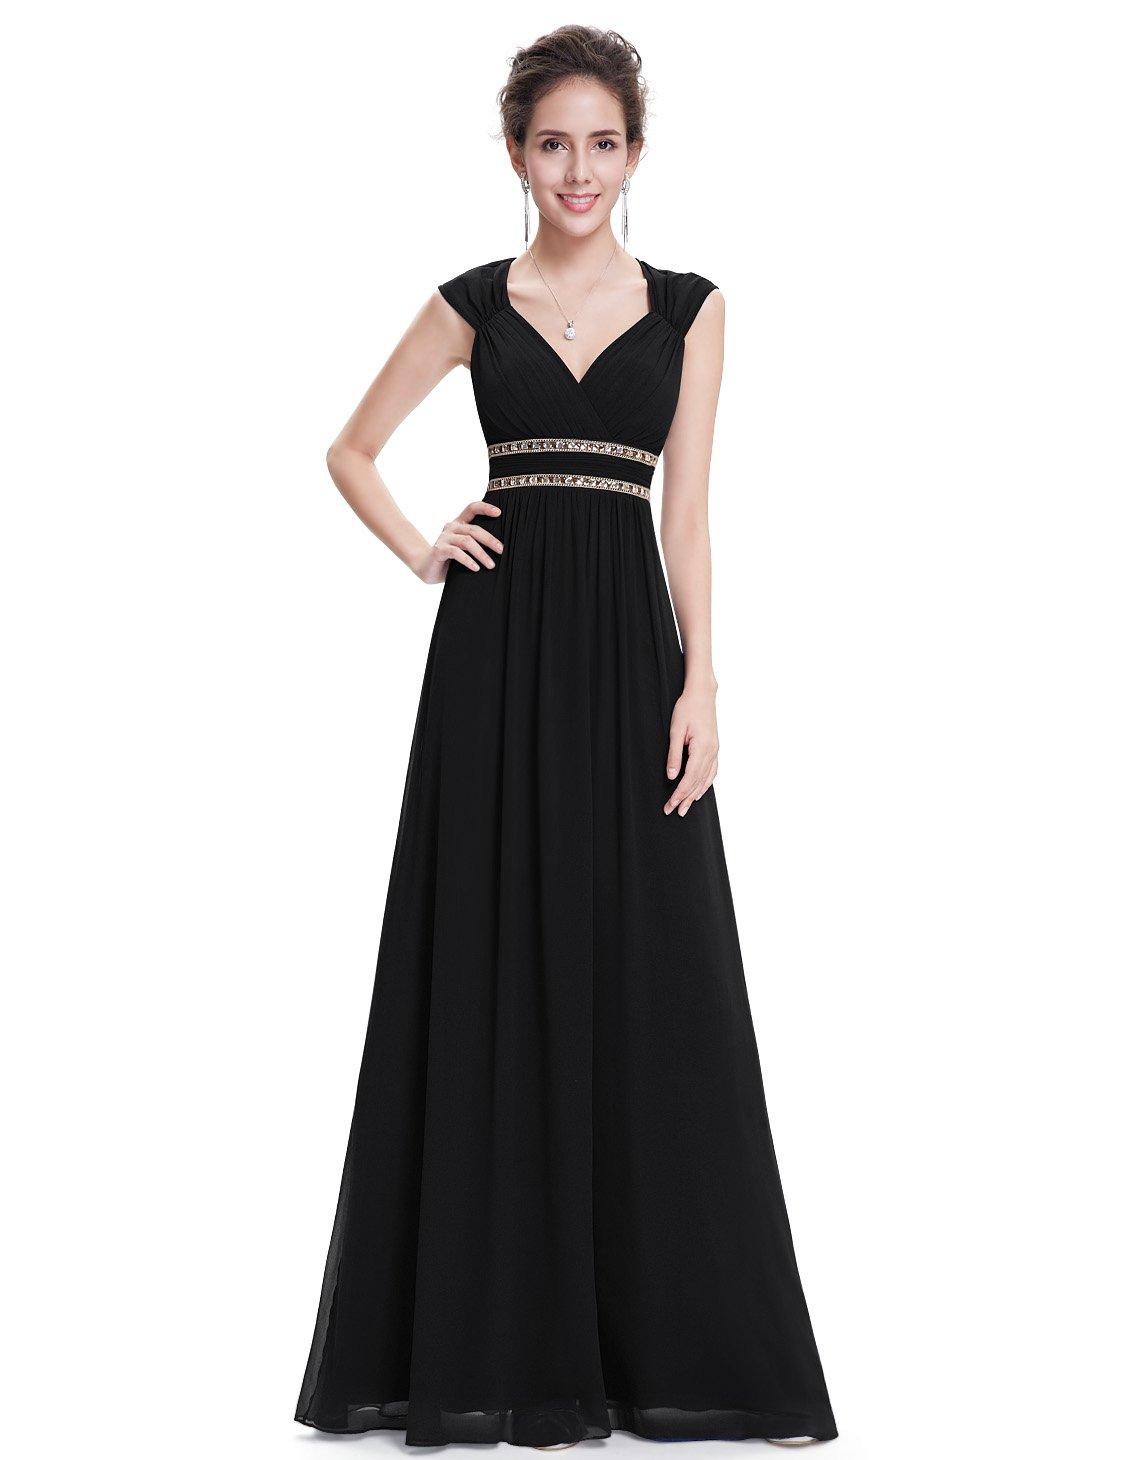 Ever-Pretty Vestido de Fiesta Noche Elegante con Cuello en V para Mujer 08697 product image